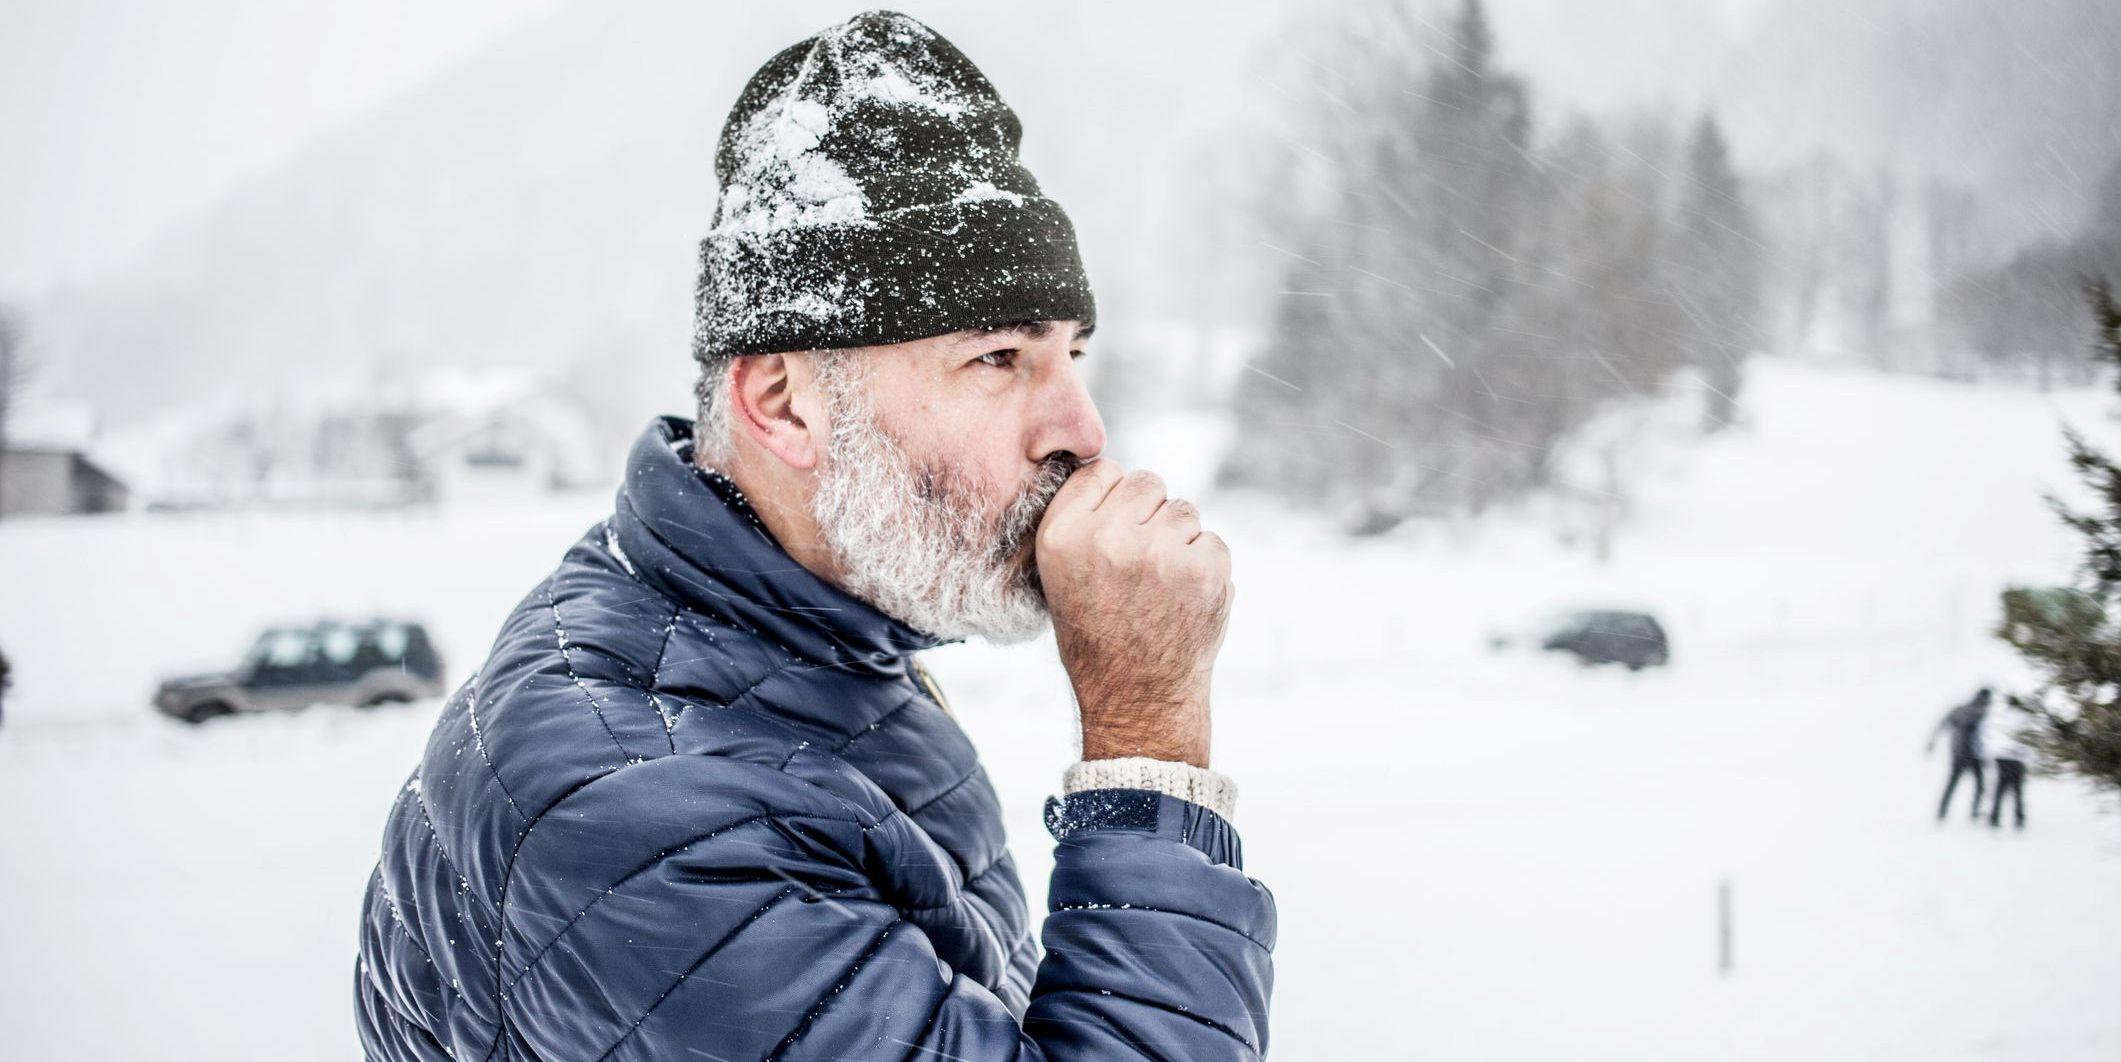 هل هناك ارتباط بين برودة الطقس وخطر الإصابة بالأزمات القلبية؟